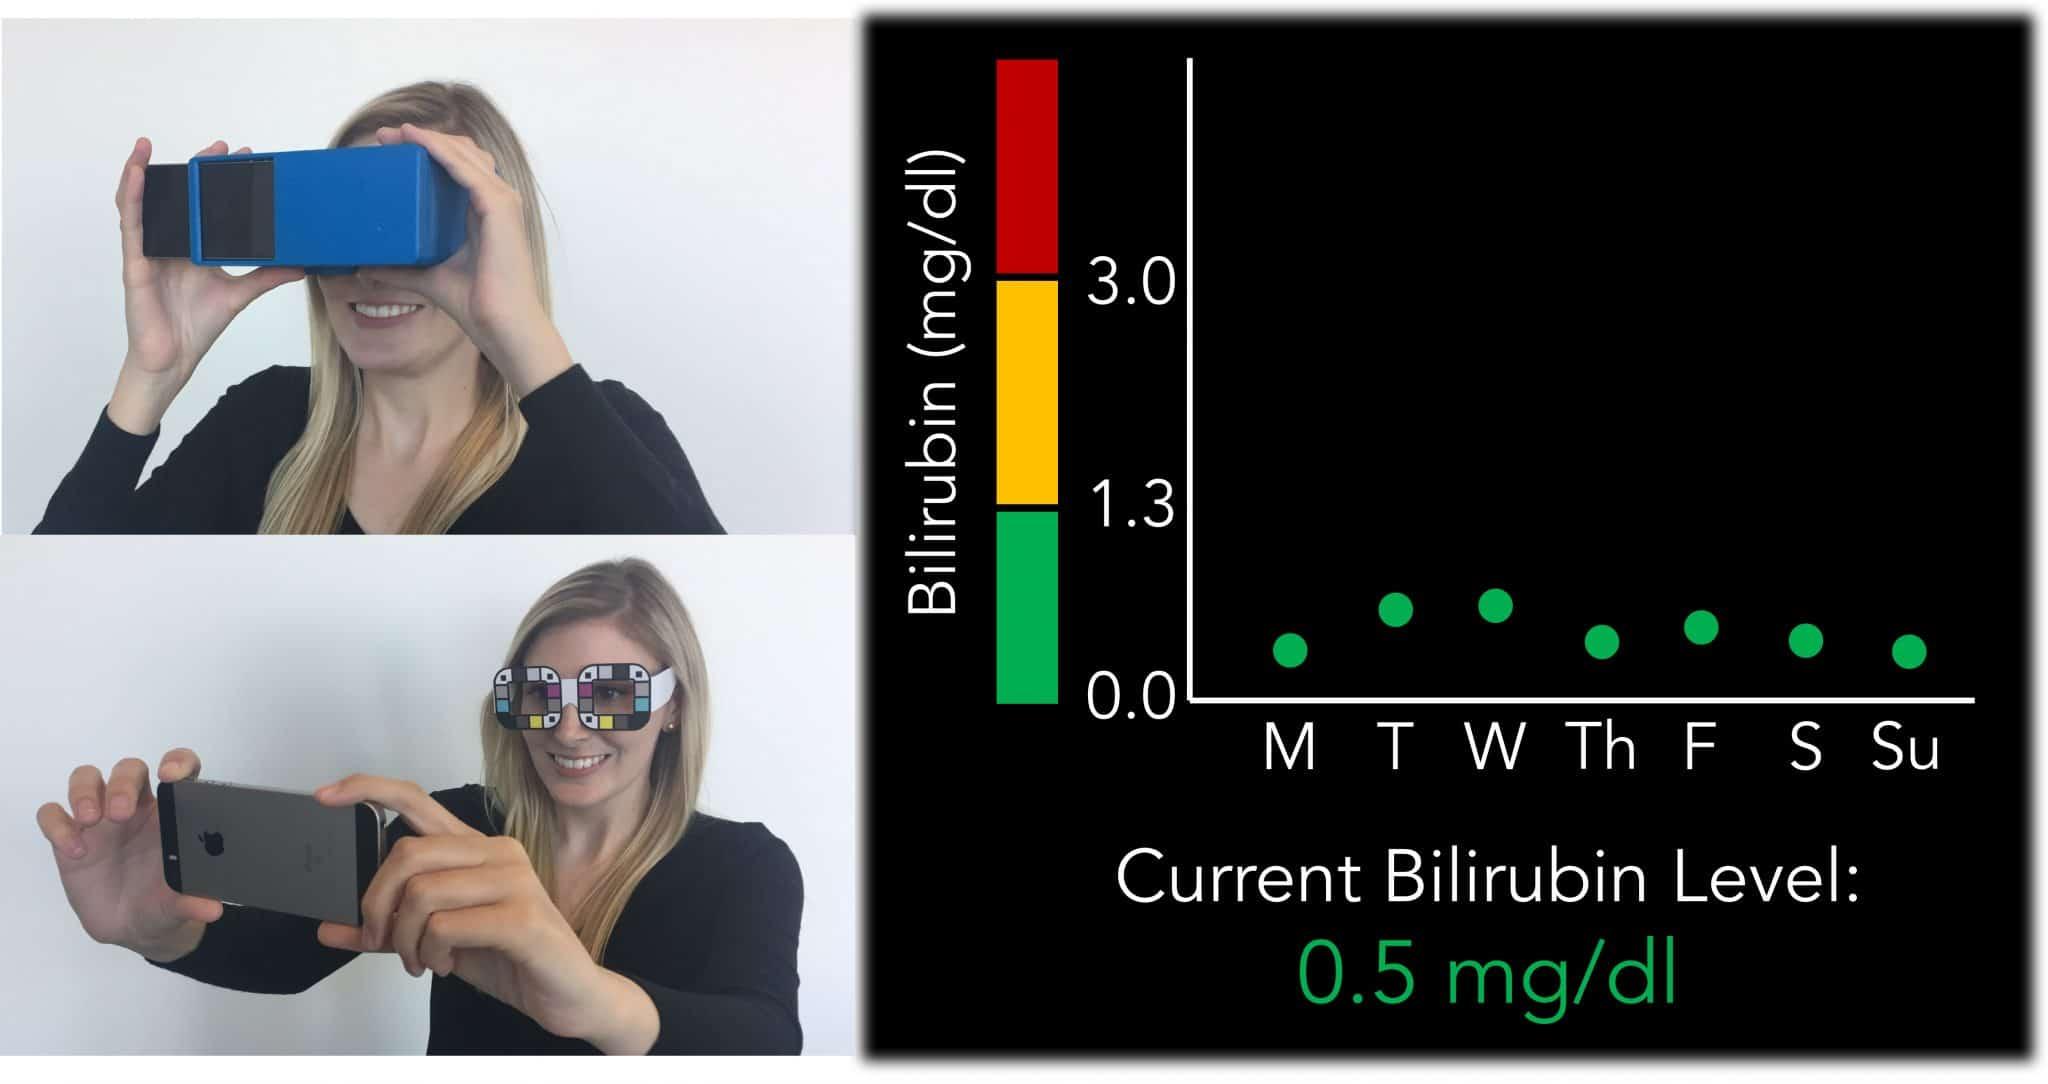 Detección bilirrubina a través del móvil